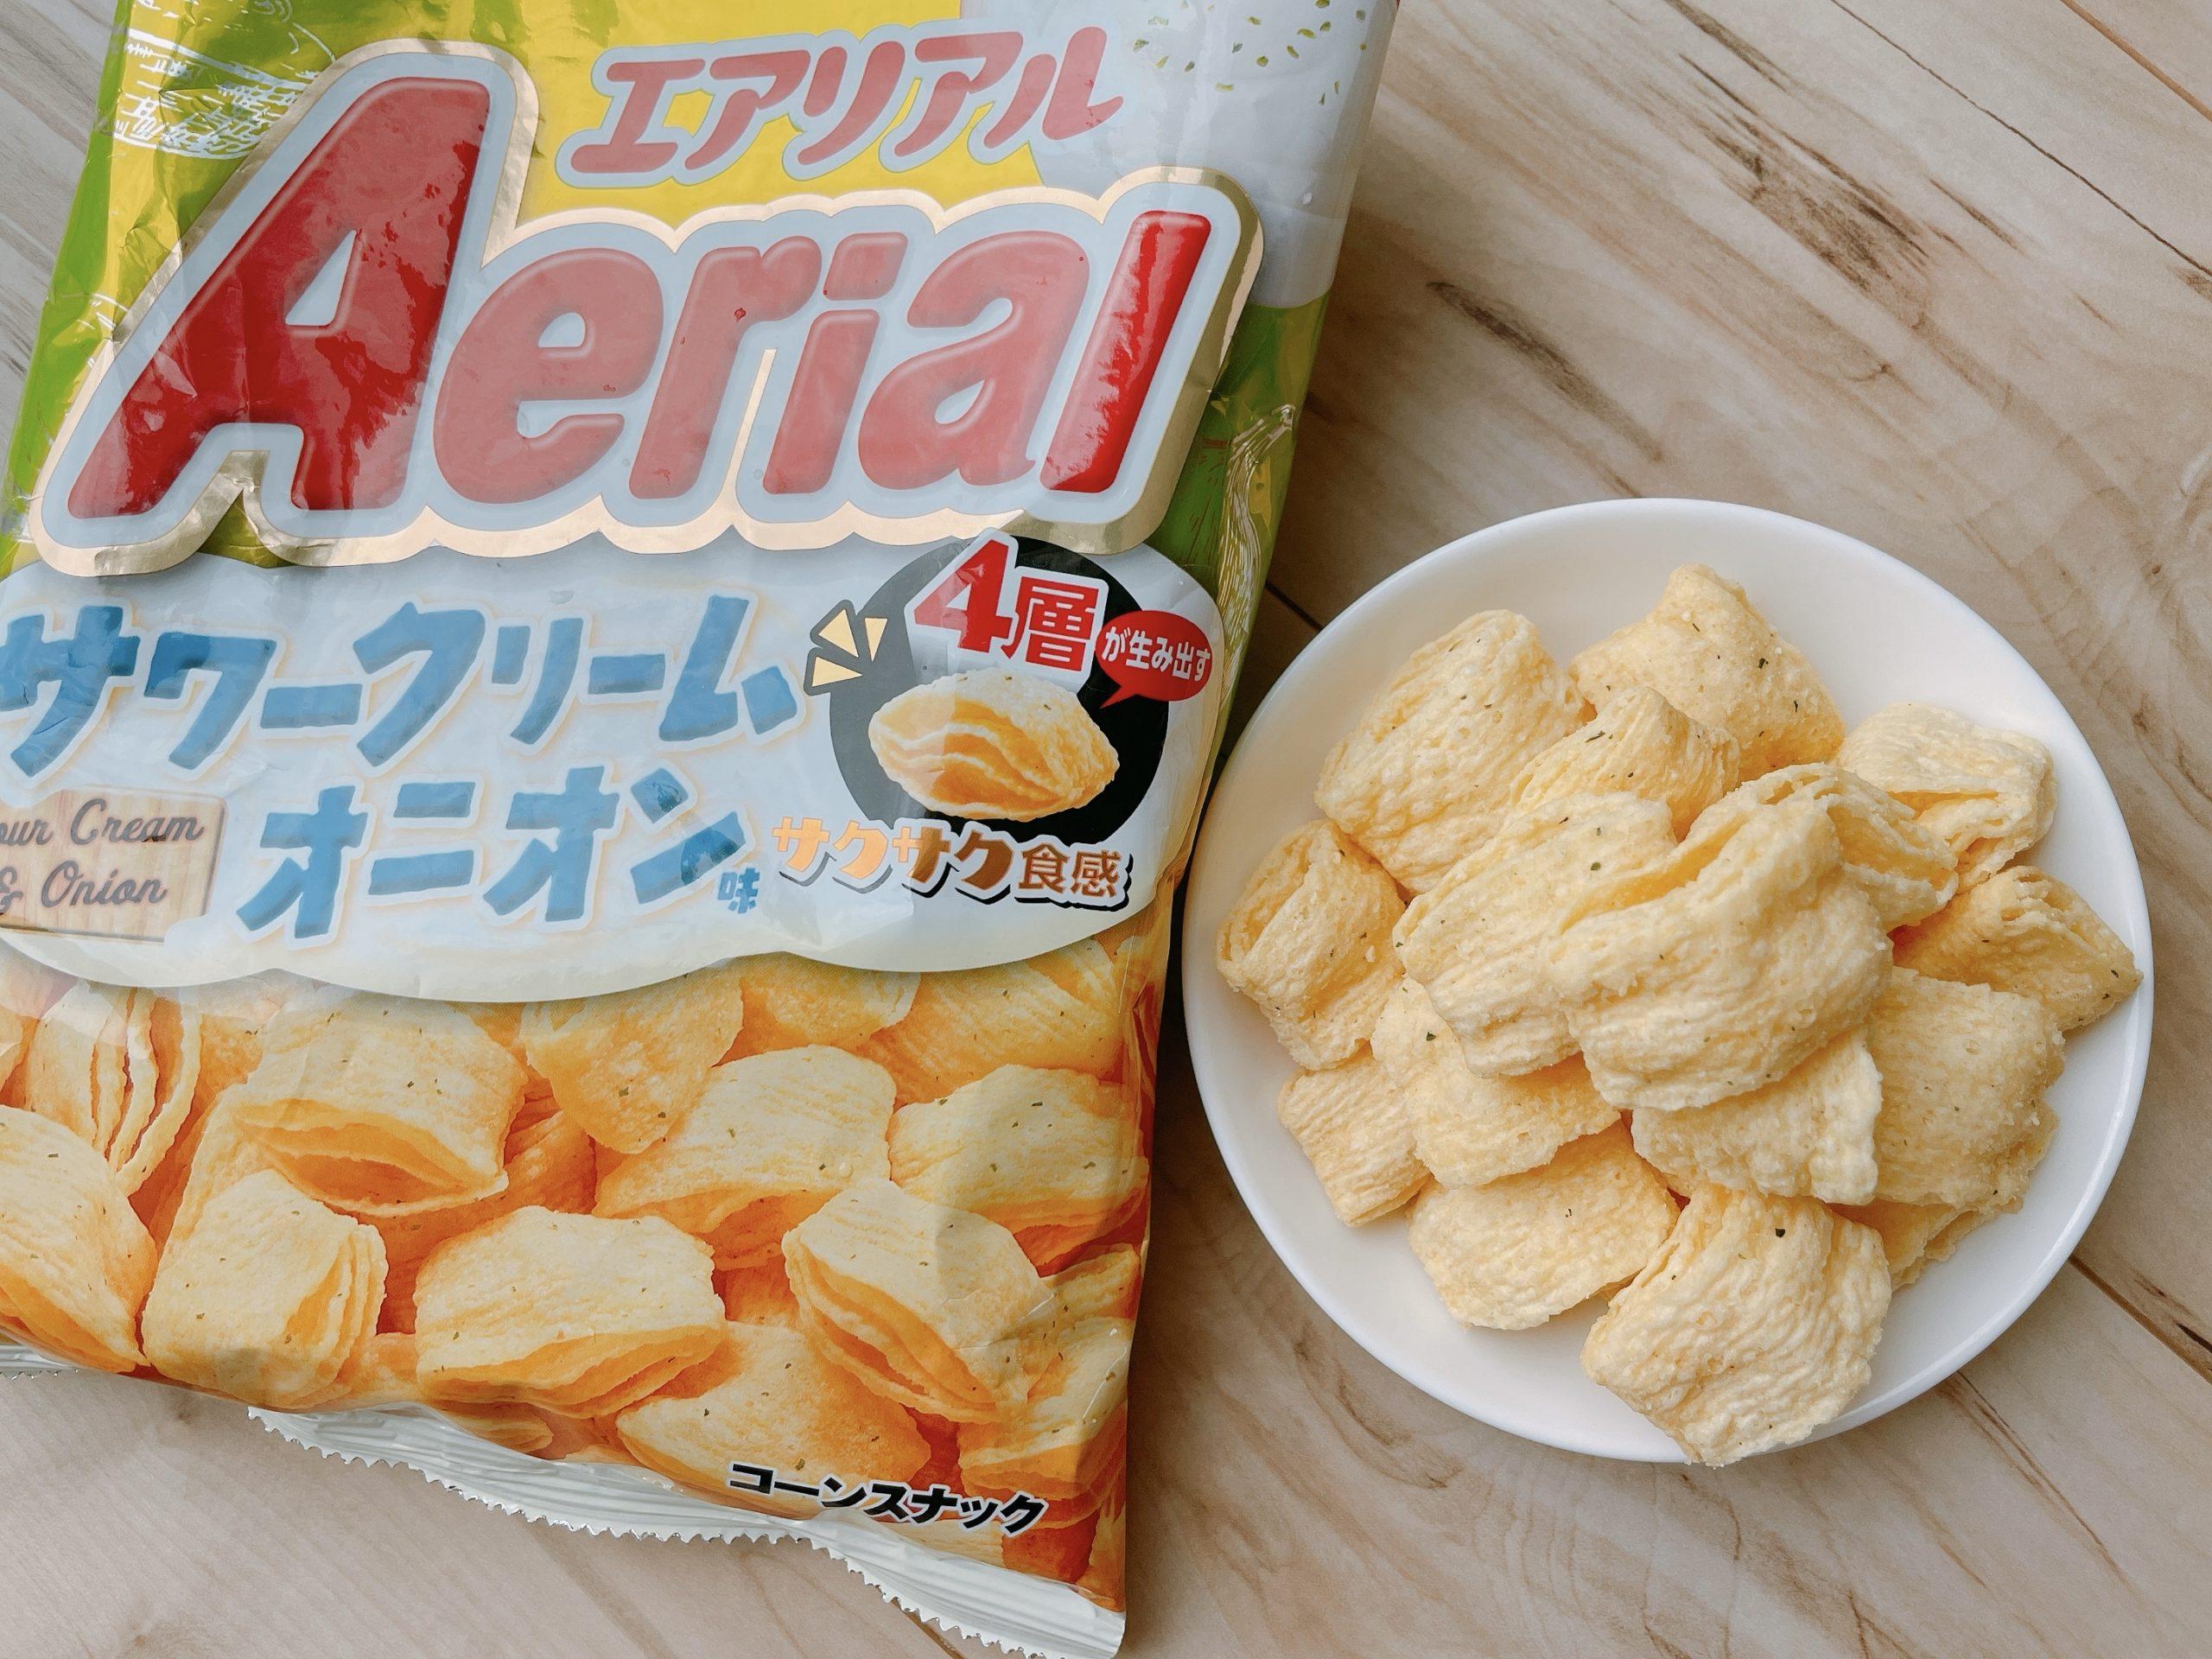 エアリアル<サワークリームオニオン味>